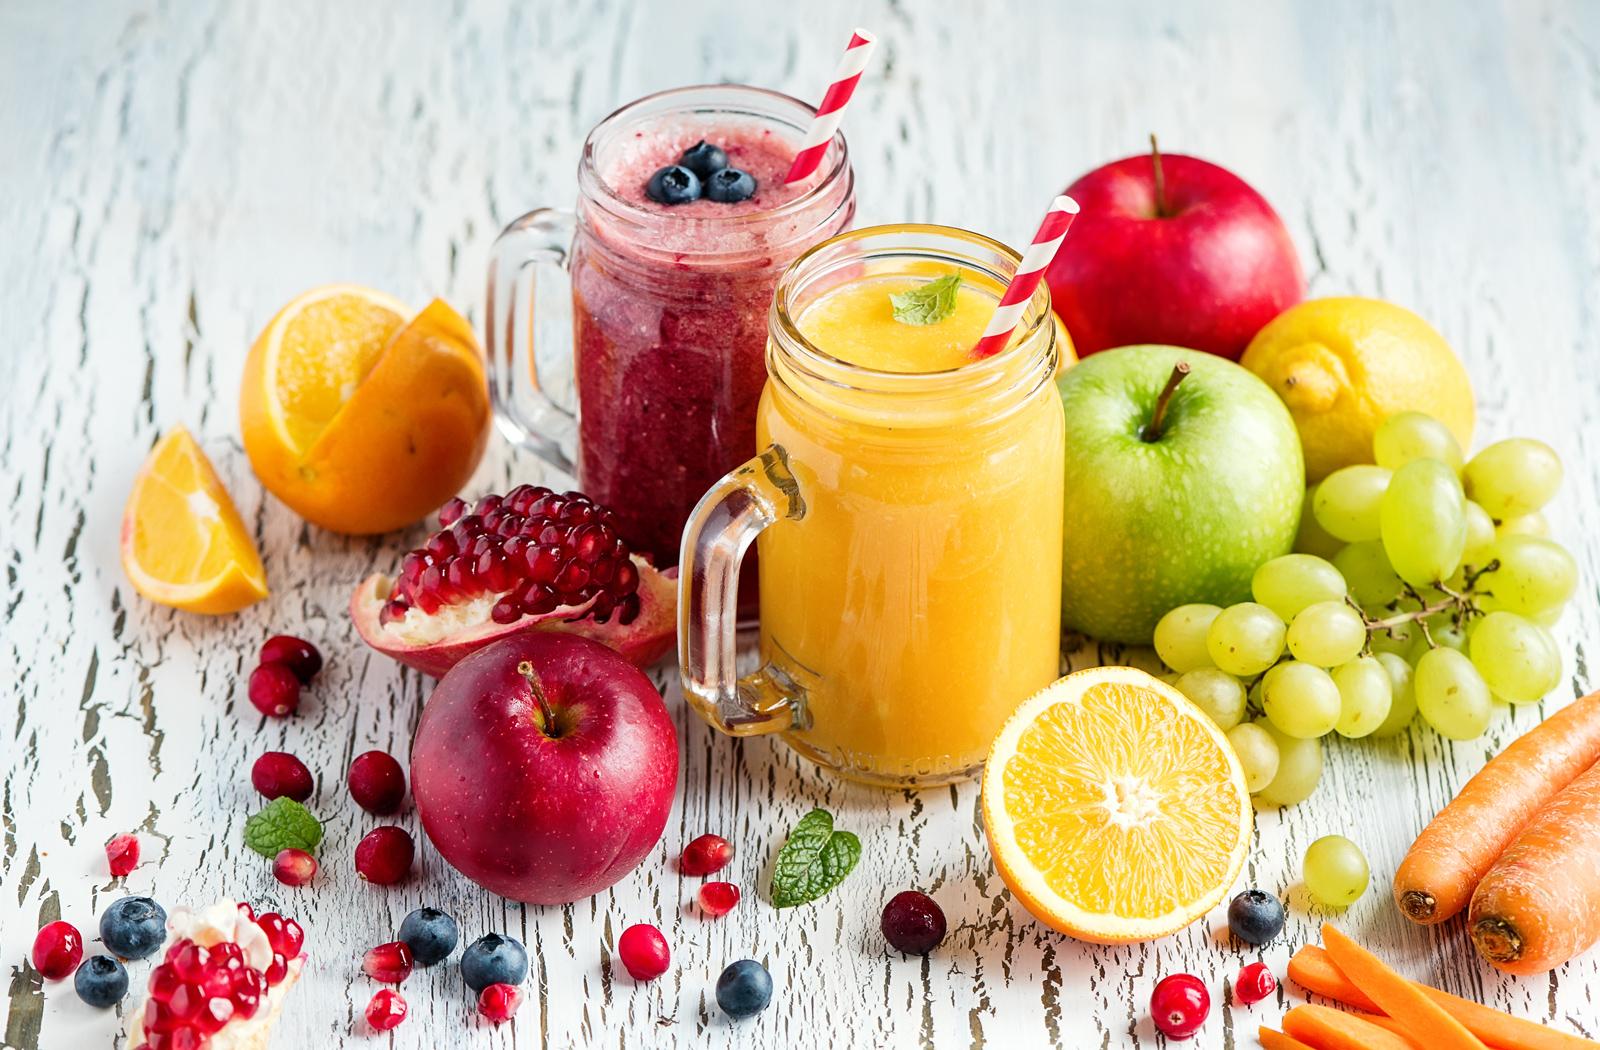 karel van der vorm - verse vruchtensappen